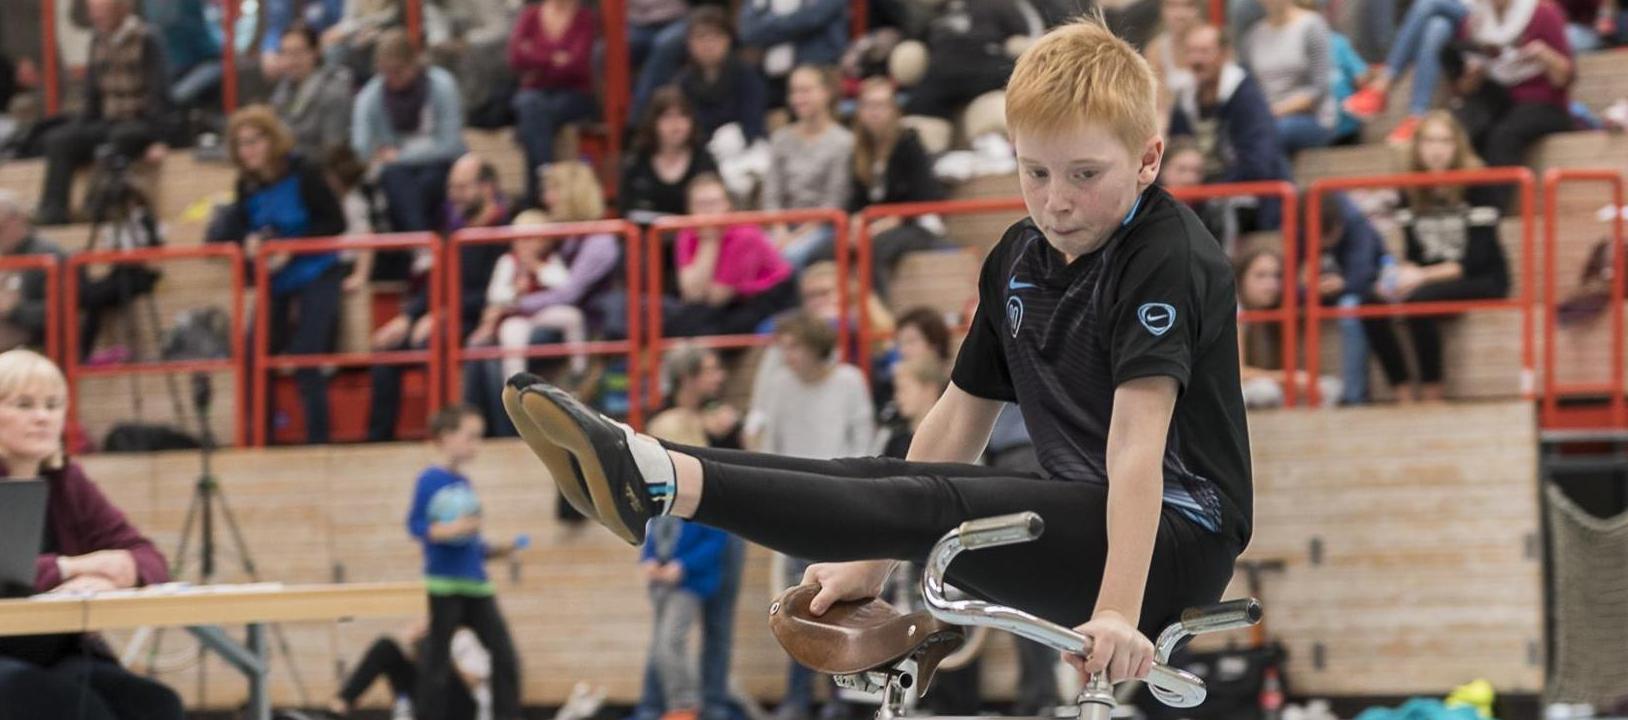 Auch auf nationaler Ebene kann ihm keiner das Wasser reichen: Daniel Stark, der jüngste Bernloher Kunstradsportler, sorgte mit seiner Kür beim Bundespokal in Rimpar einmal mehr für Aufsehen.